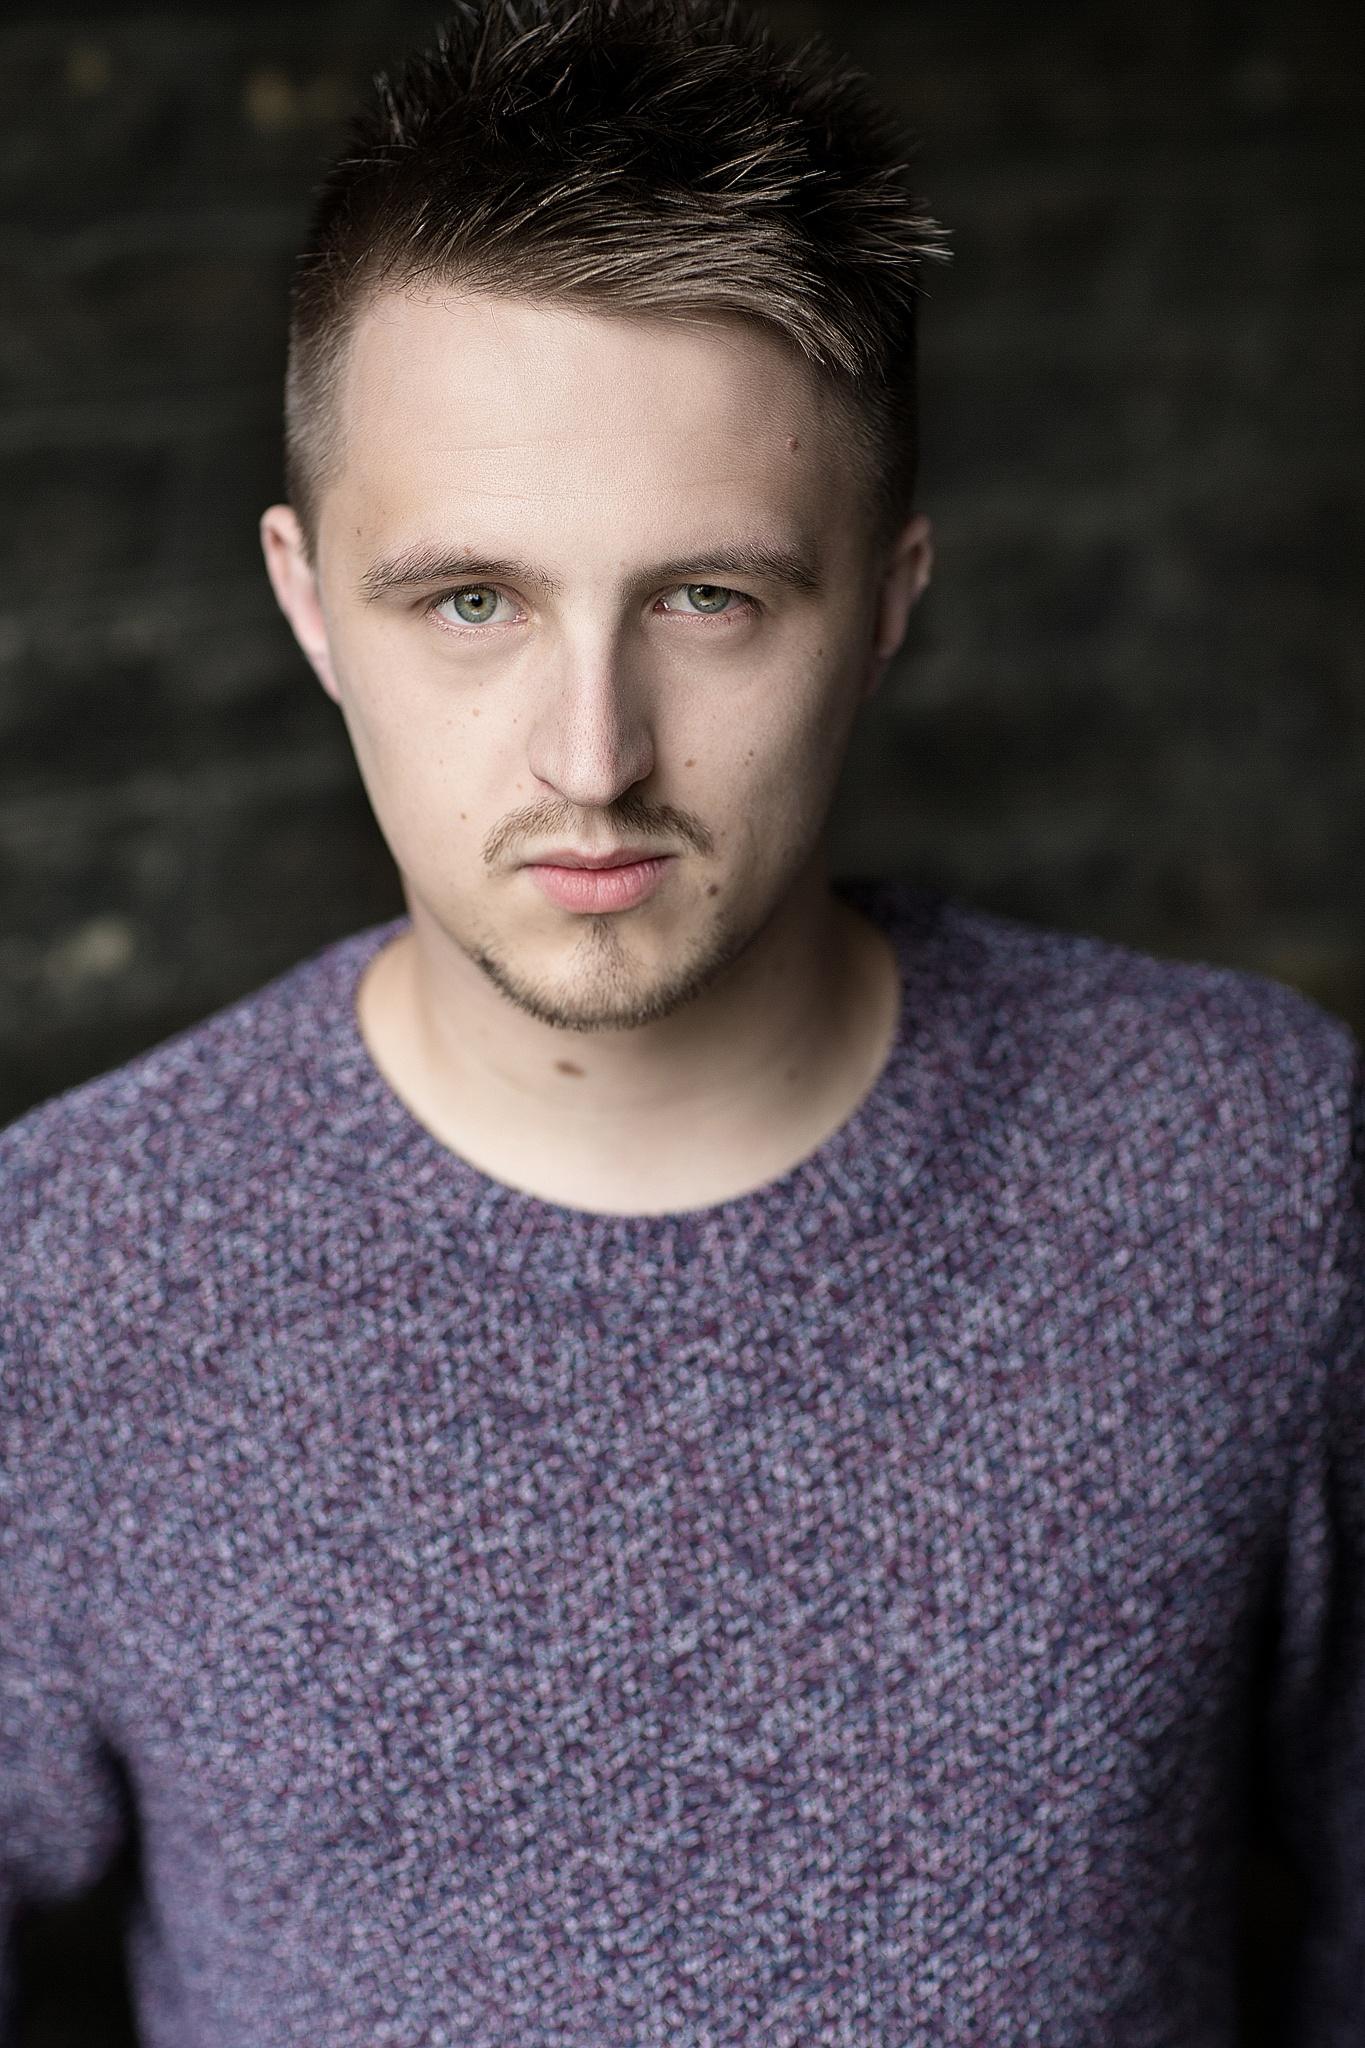 Kieran Hardcastle